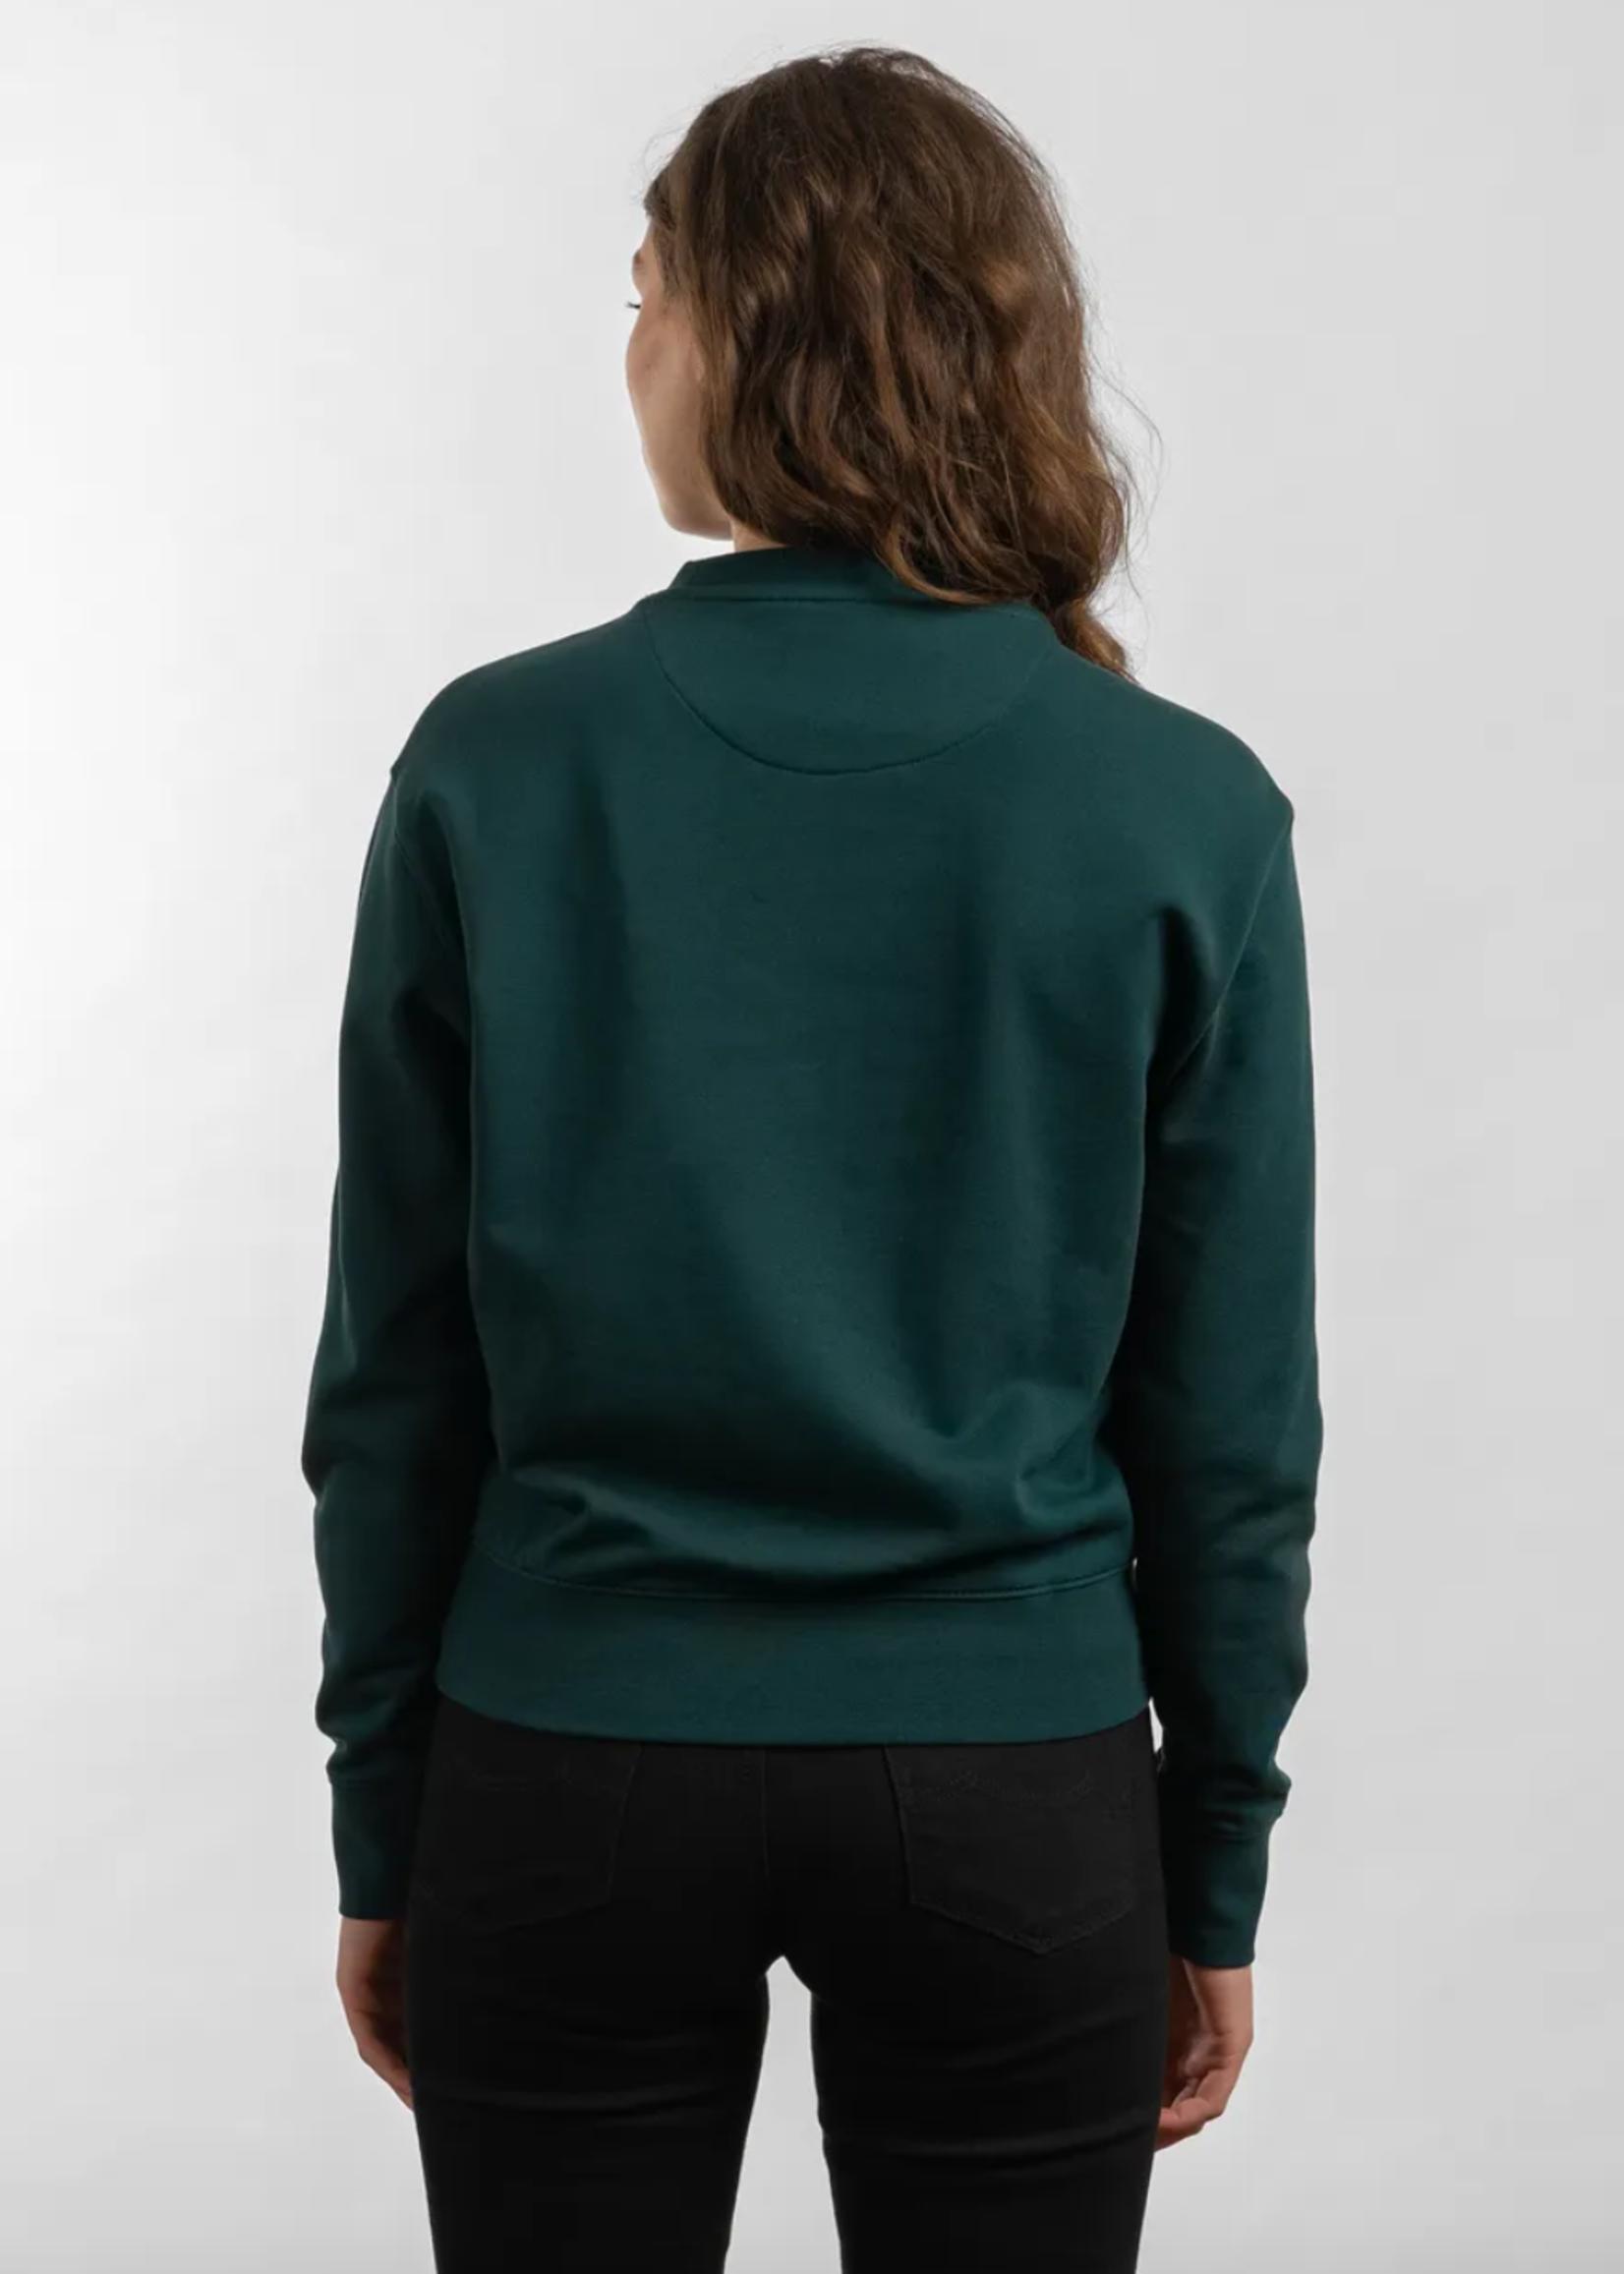 A-dam Vivian Sweater